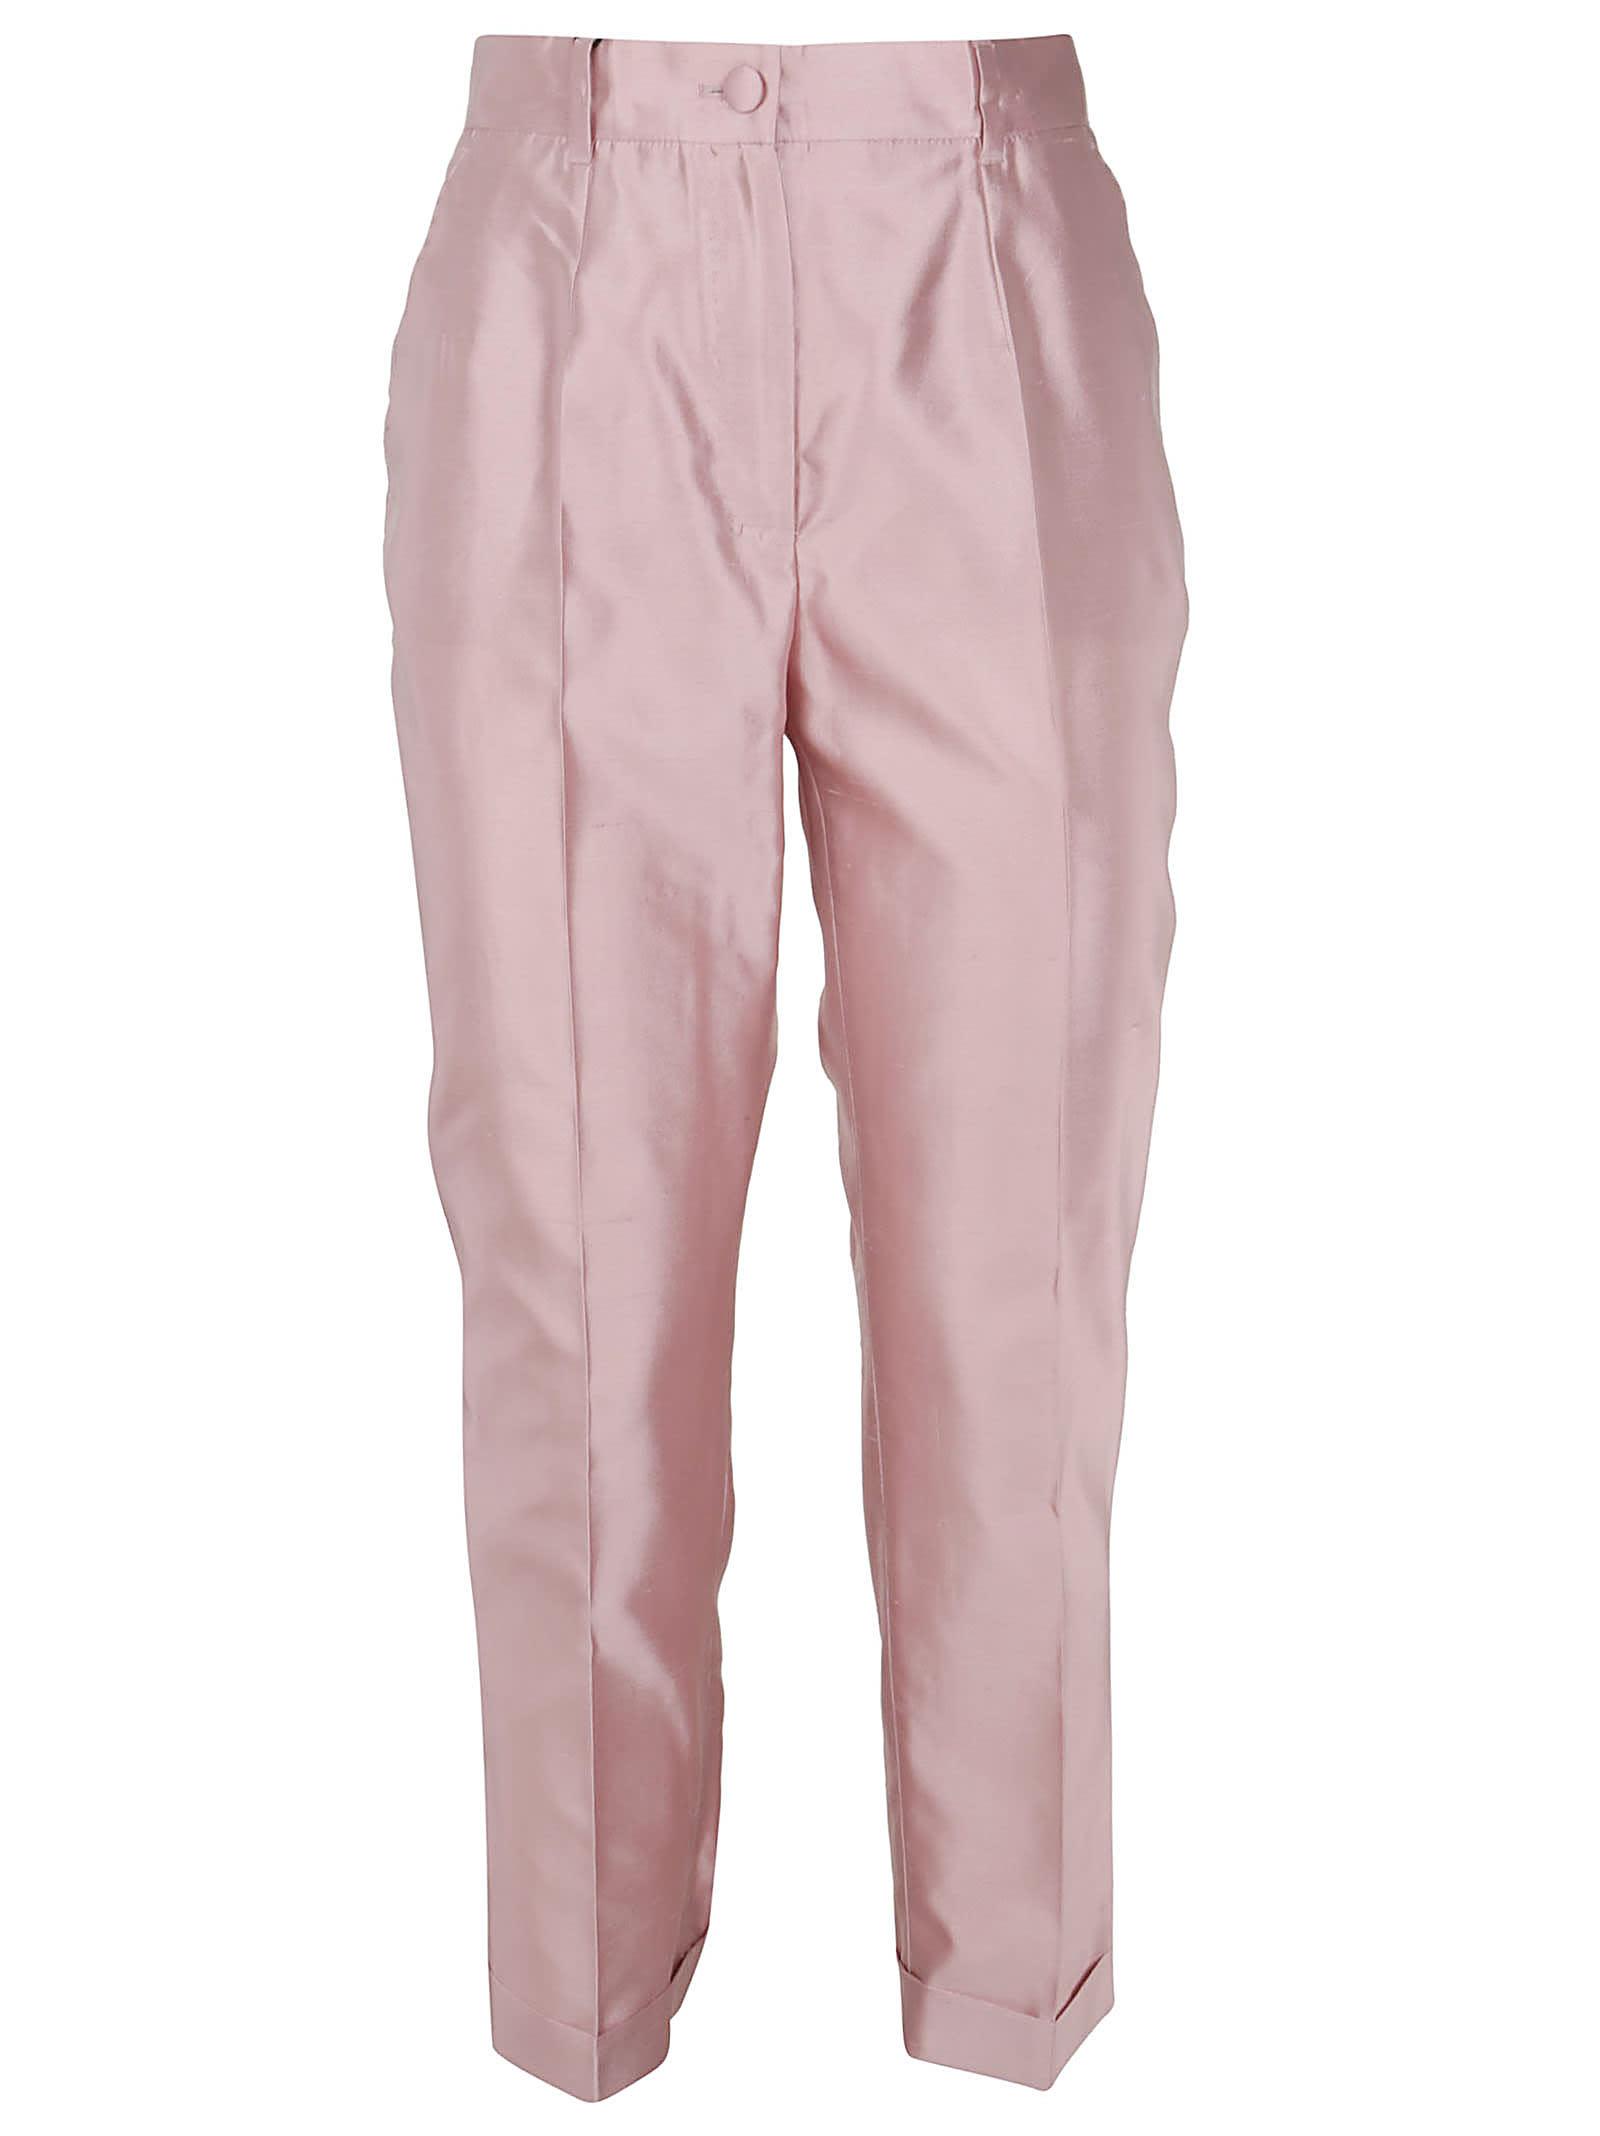 Dolce & Gabbana Pants TROUSERS